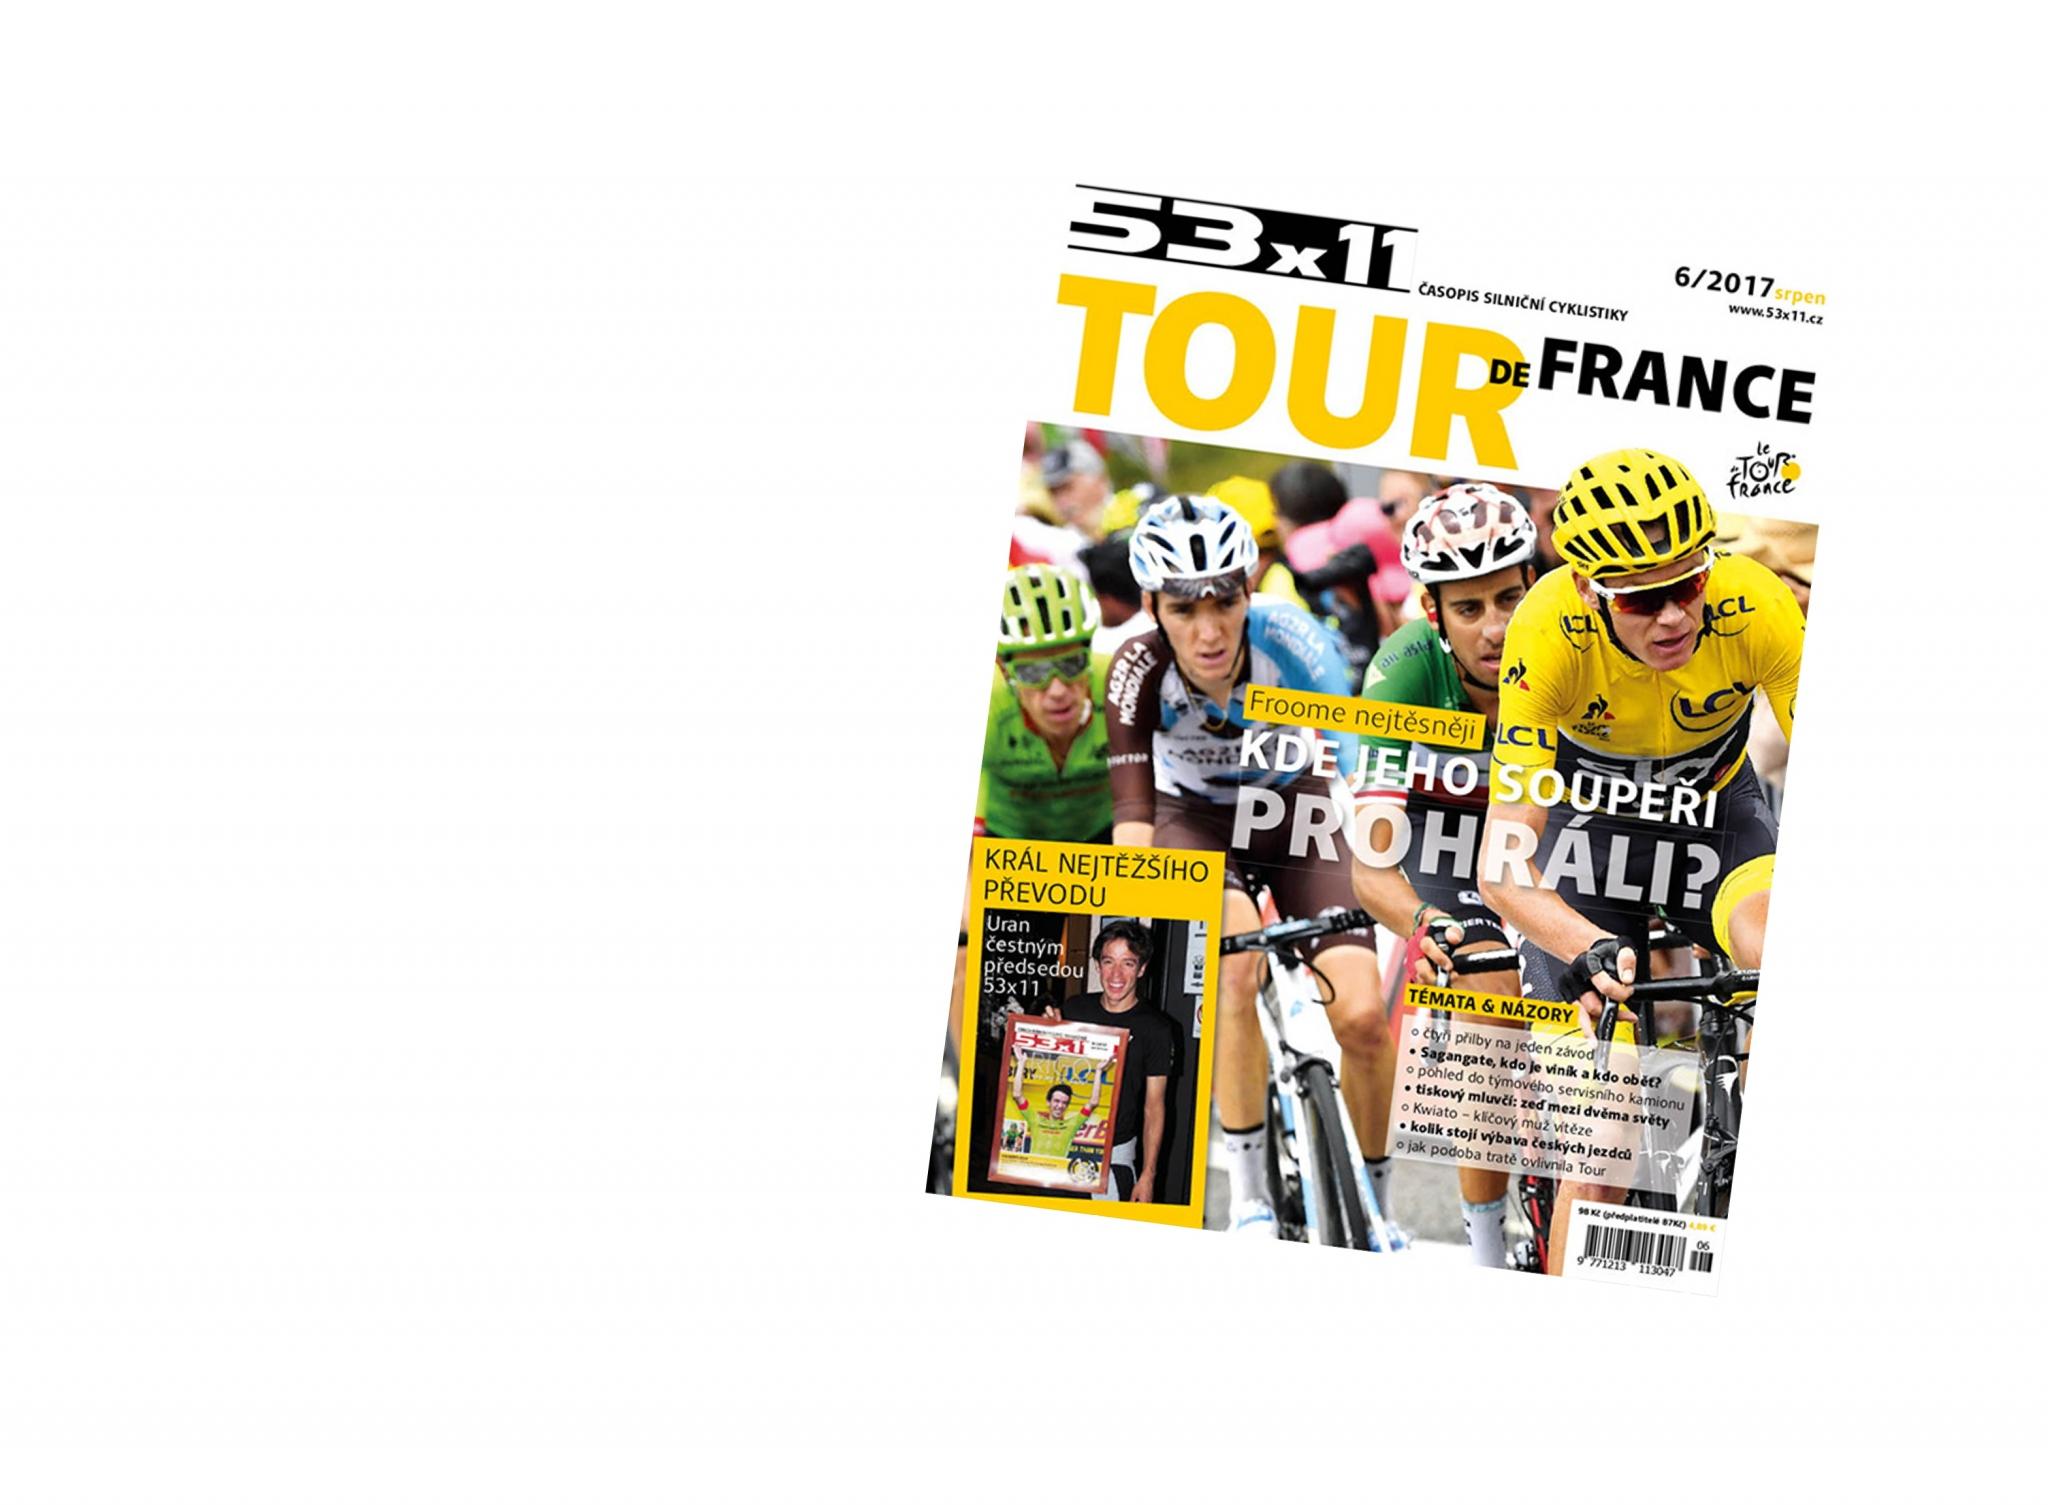 Speciál časopisu 53×11 – Tour de France 2017